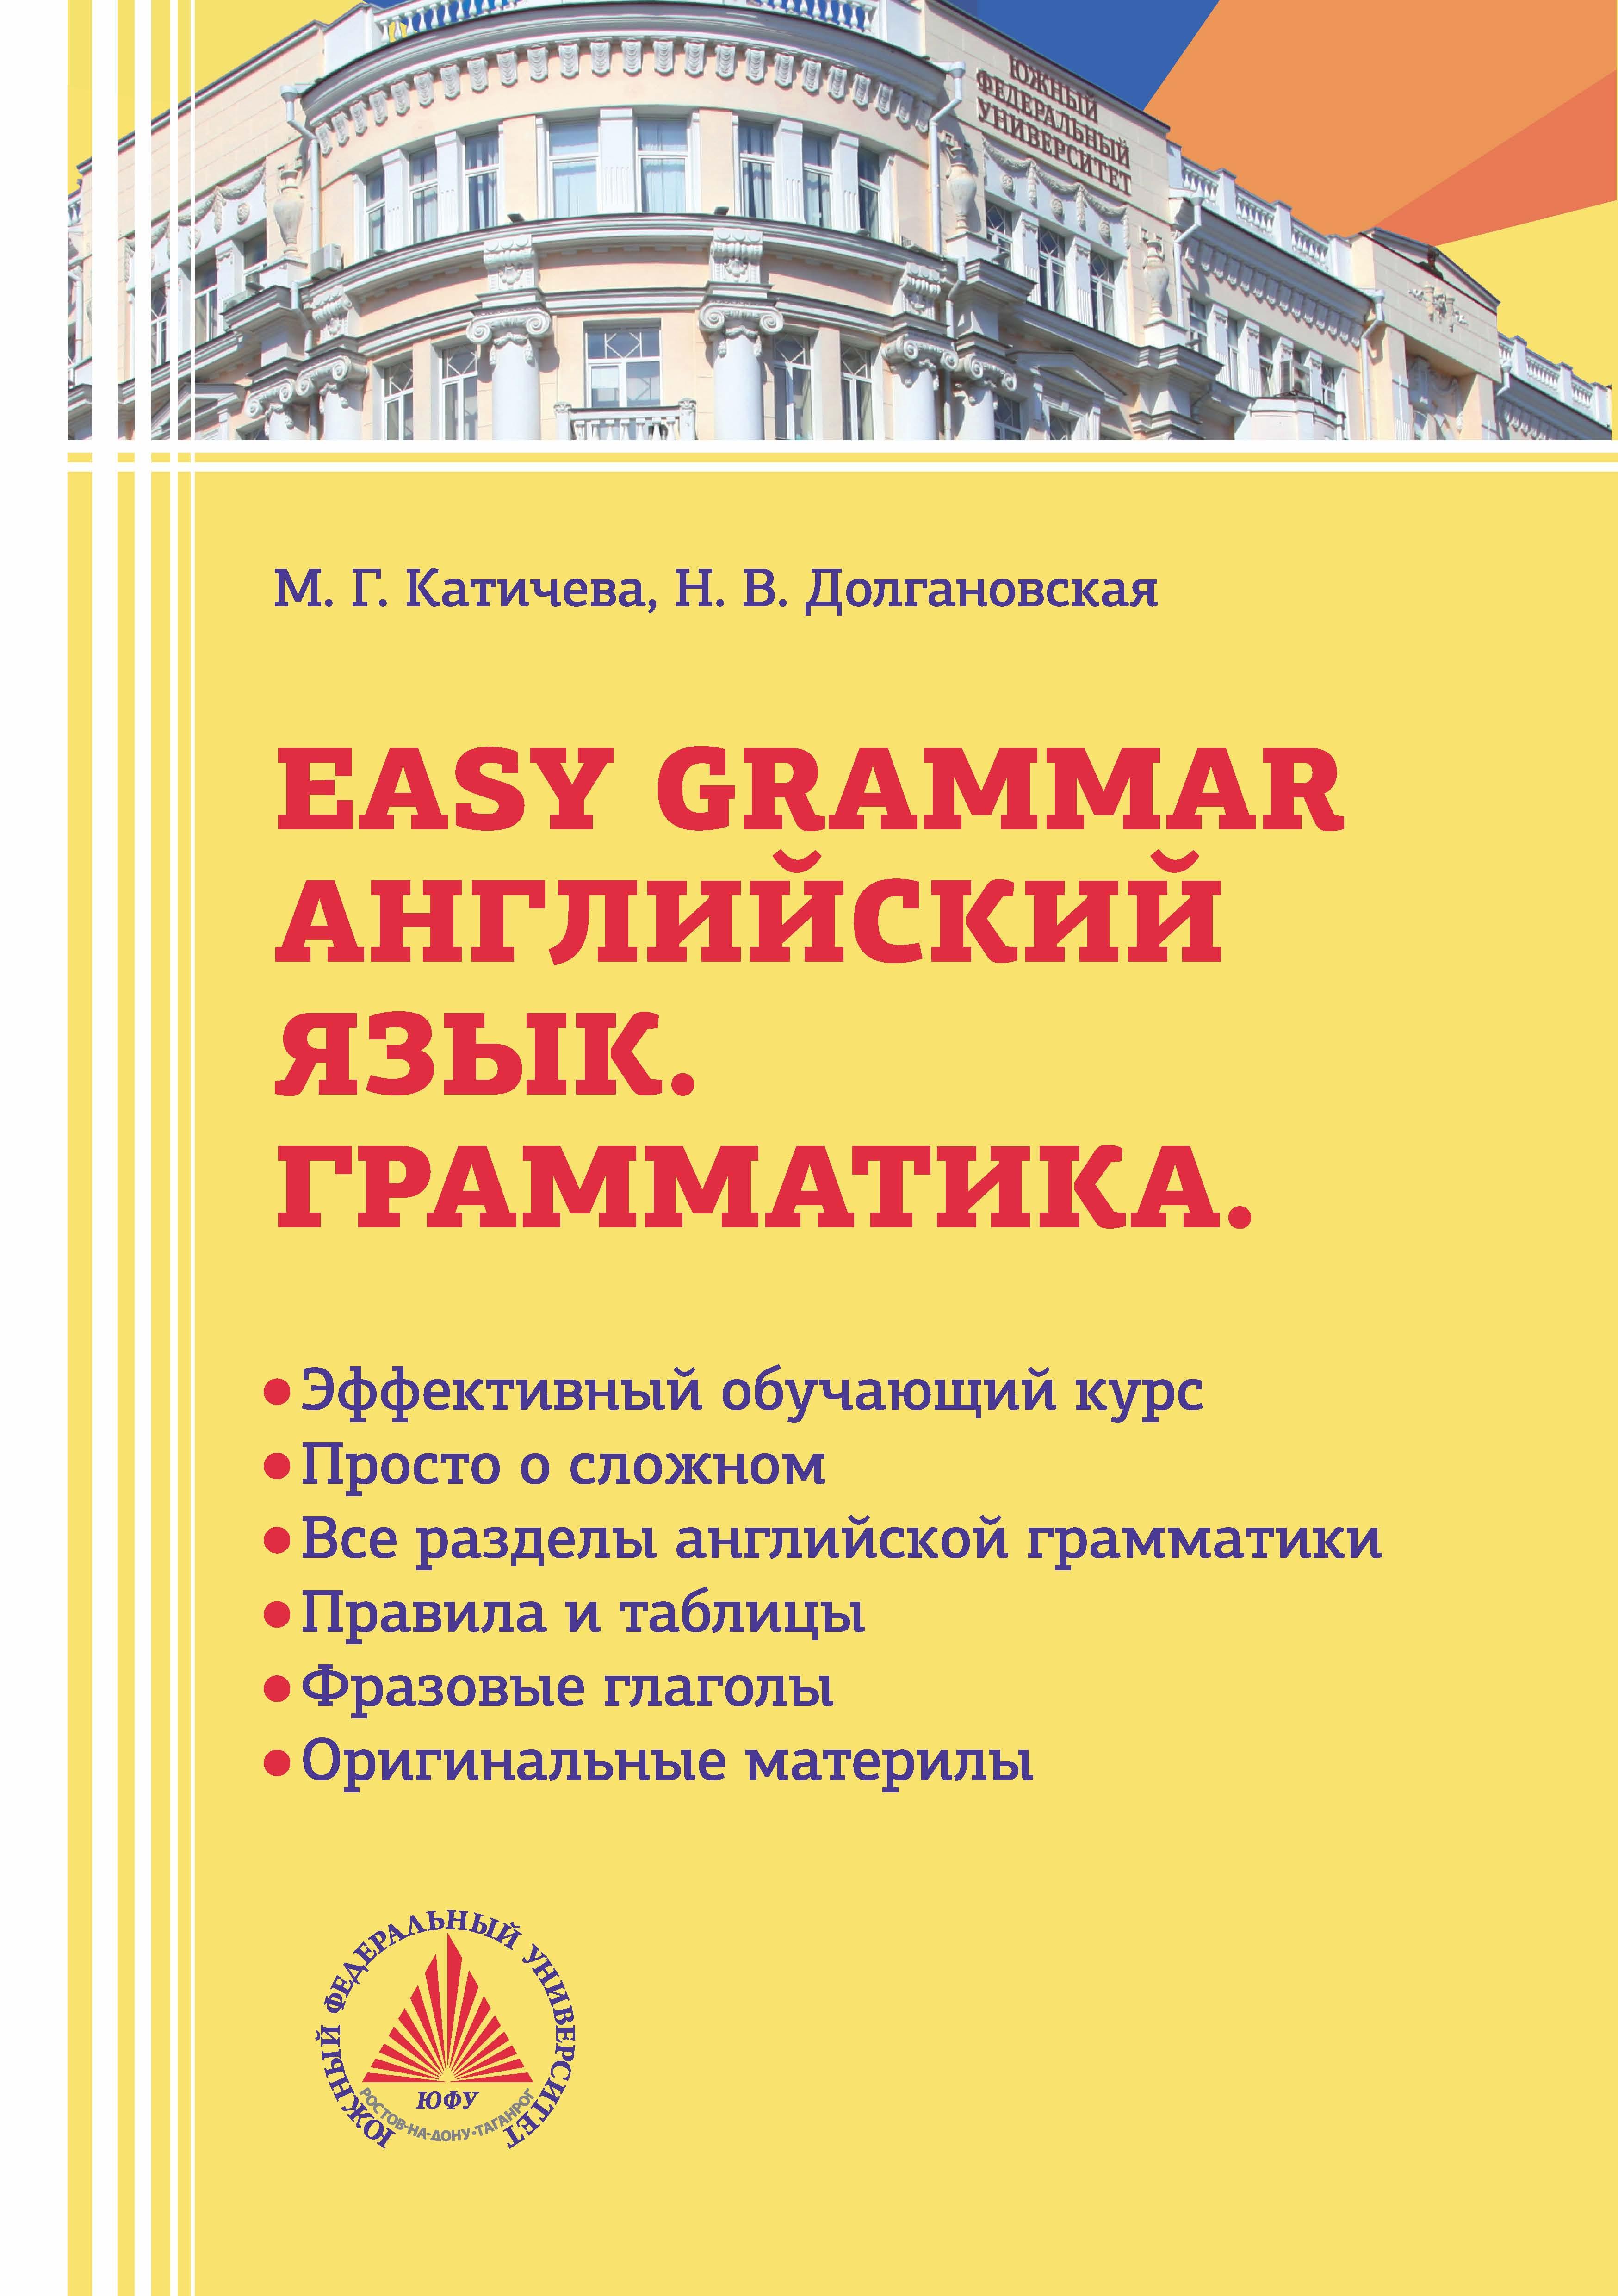 Купить книгу Easy Grammar. Учебник по грамматике английского языка, автора М. Г. Катичевой